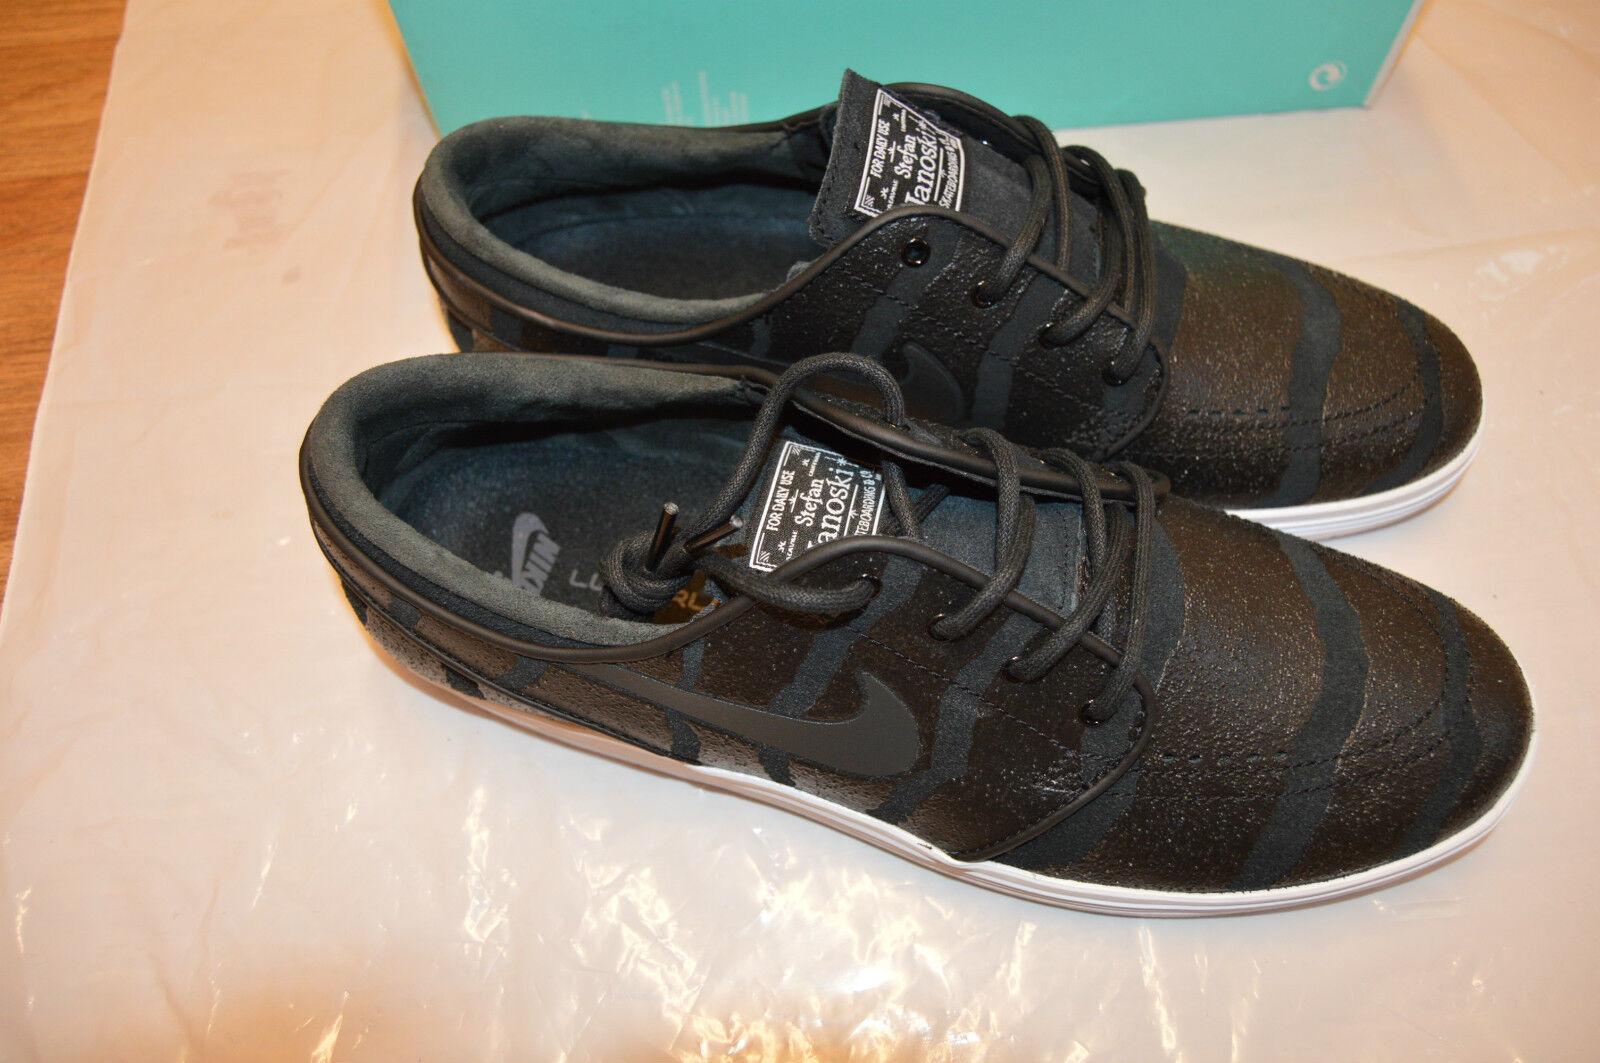 Nuevo Y En Caja Para Hombre Nike SB Zapatillas Lunar Stefan Janoski Negro/Blanco Zapatillas SB 3d79a5